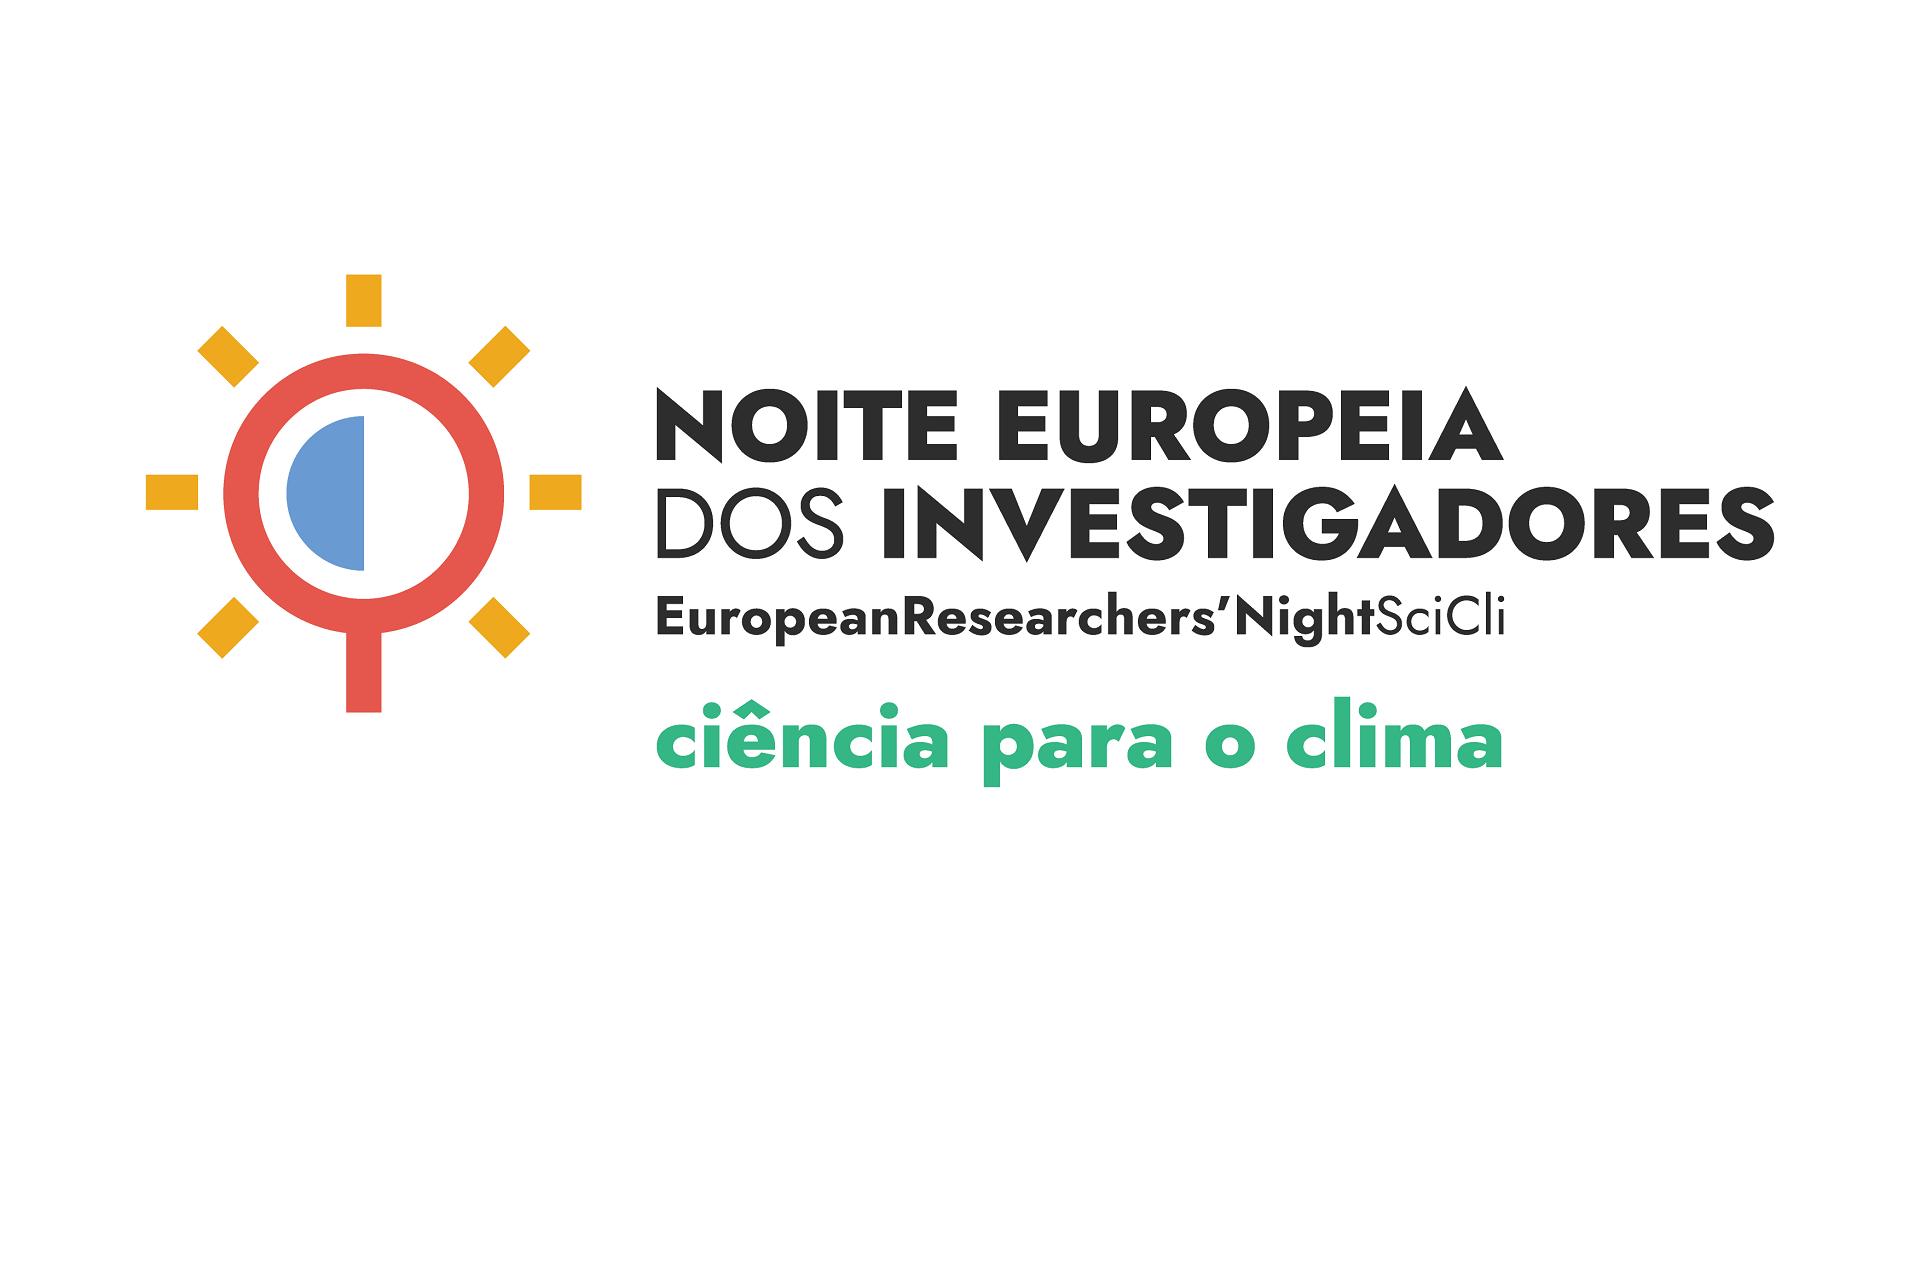 Participação do LNEG na Noite Europeia dos Investigadores 2021